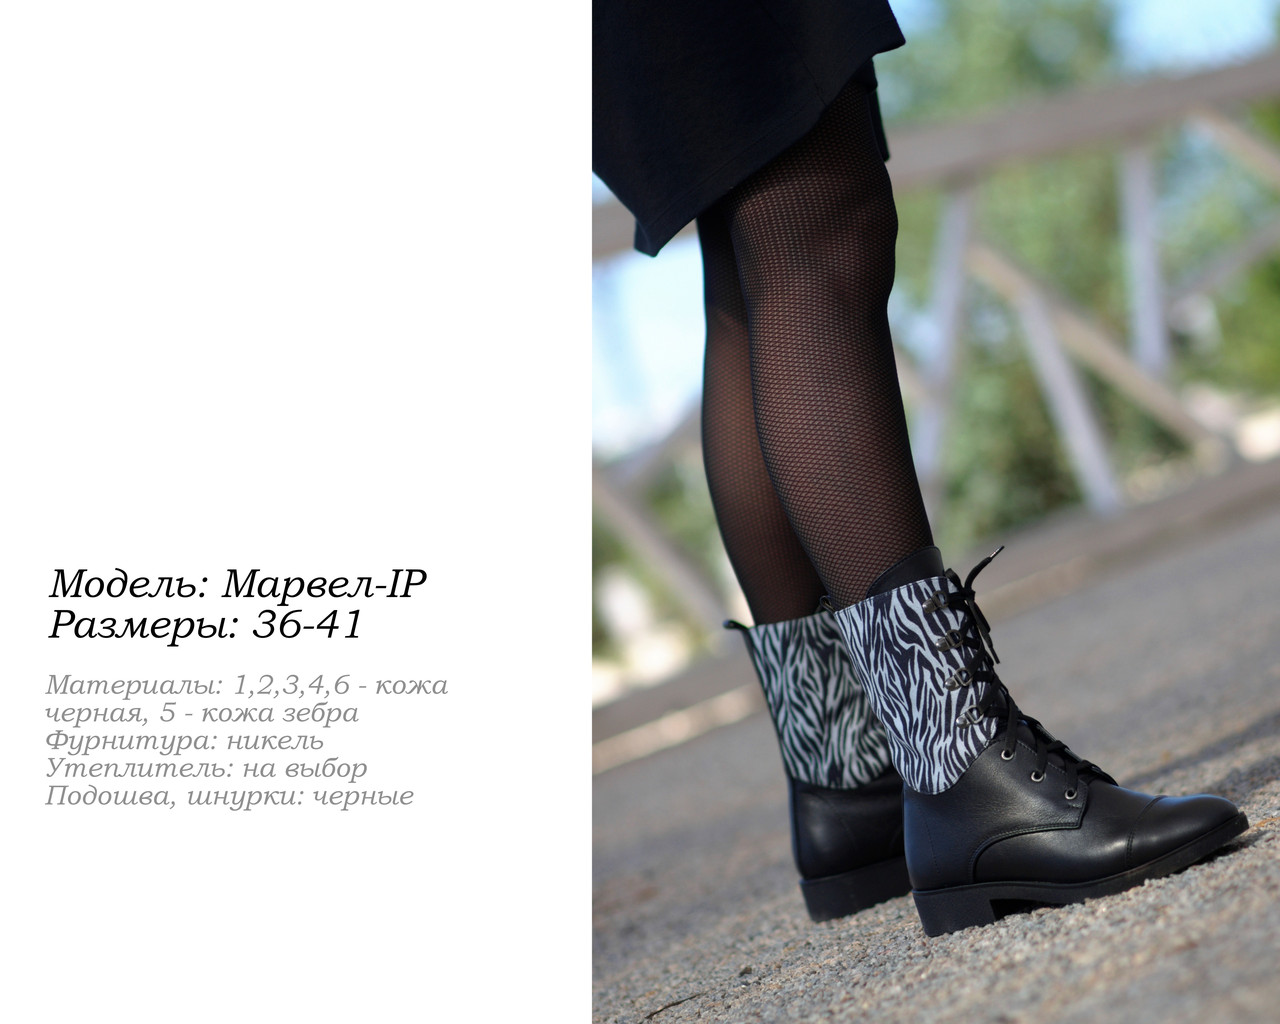 Жіноча зимове взуття. ОПТ.